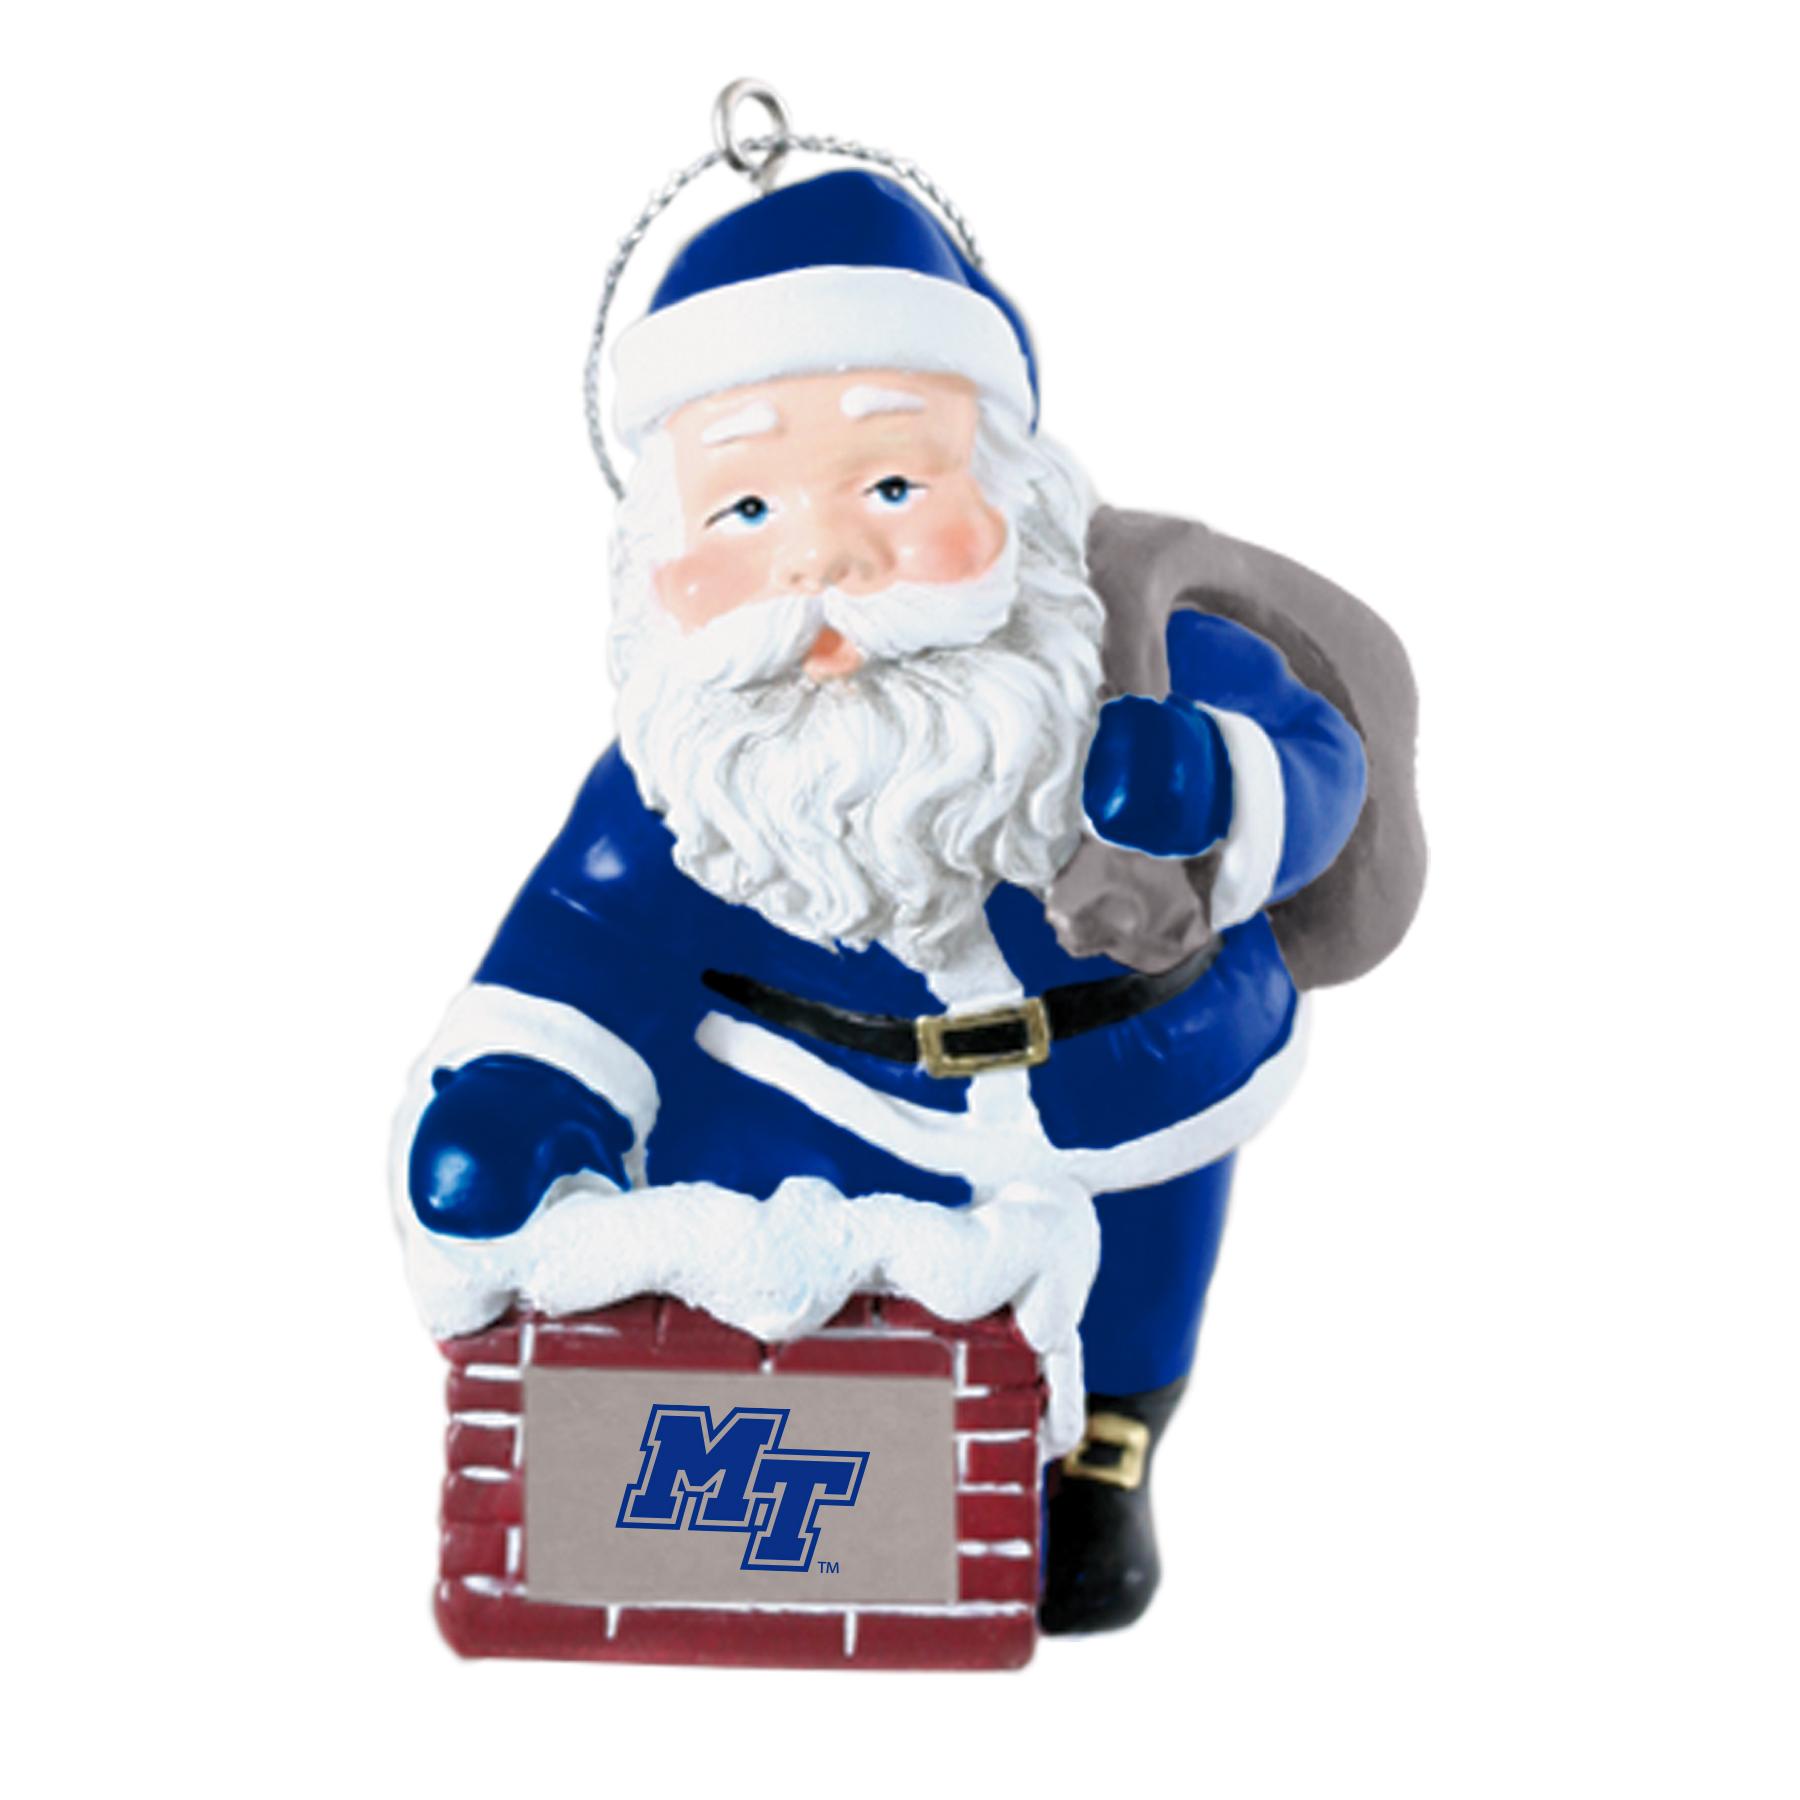 MT Rooftop Santa Ornaments